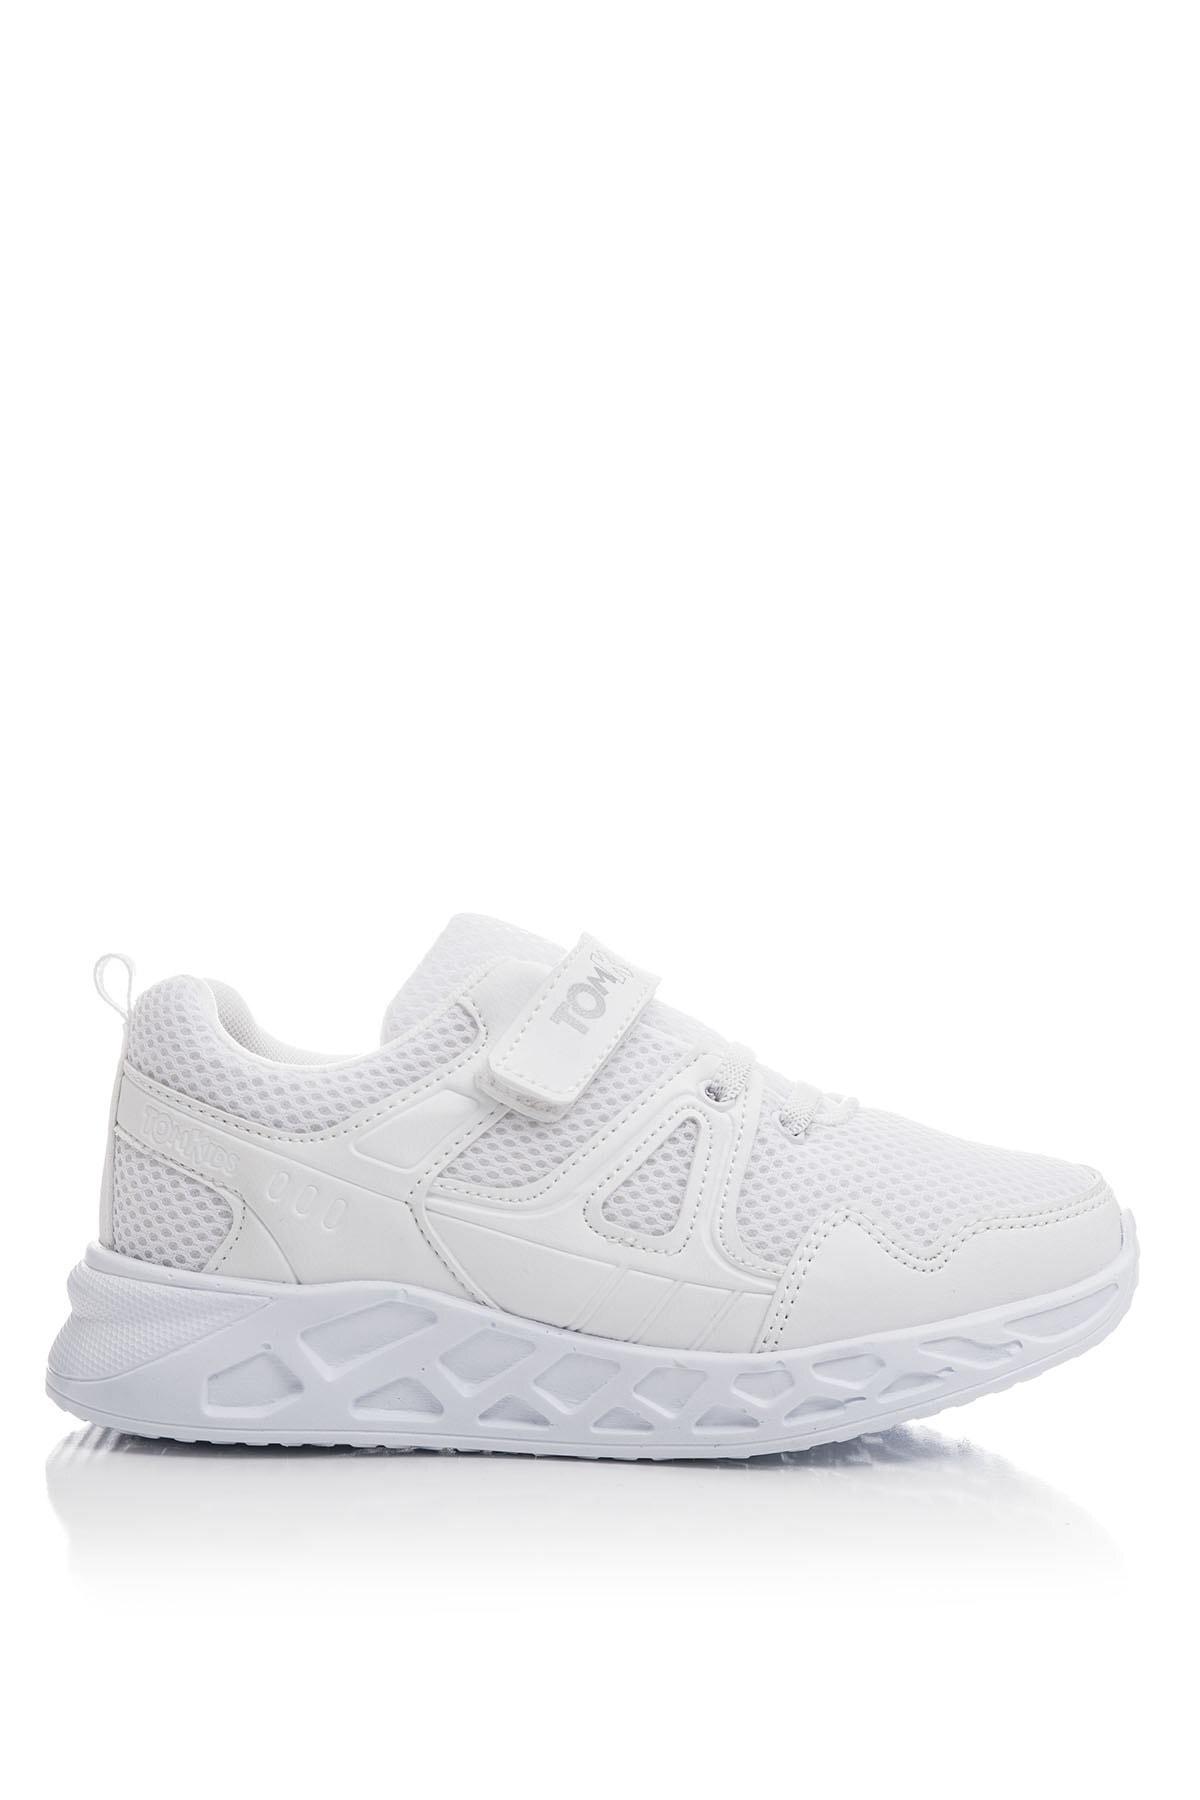 Tonny Black Unisex Çocuk Beyaz Spor Ayakkabı TB3401-3 2